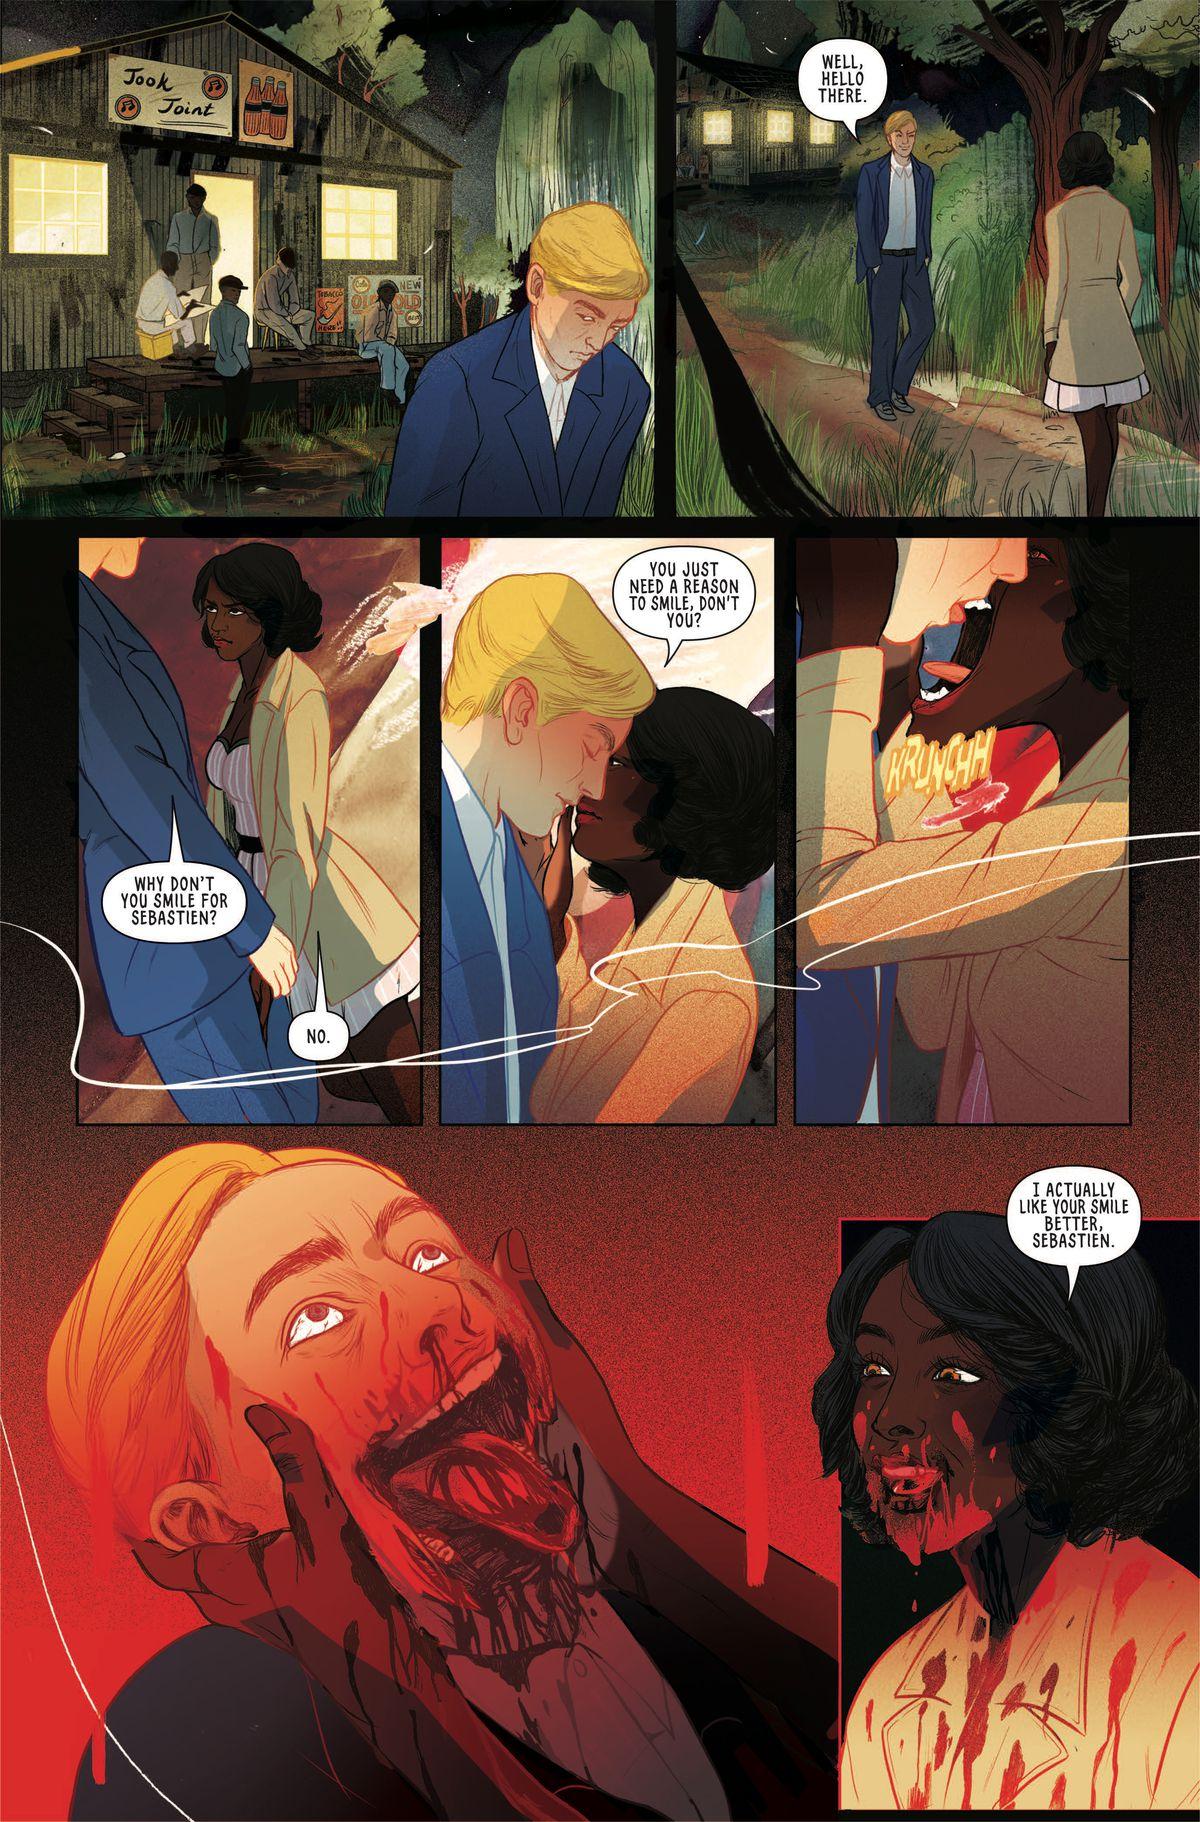 血腥的恐怖与图像漫画的Jook Joint中的爵士时代相遇